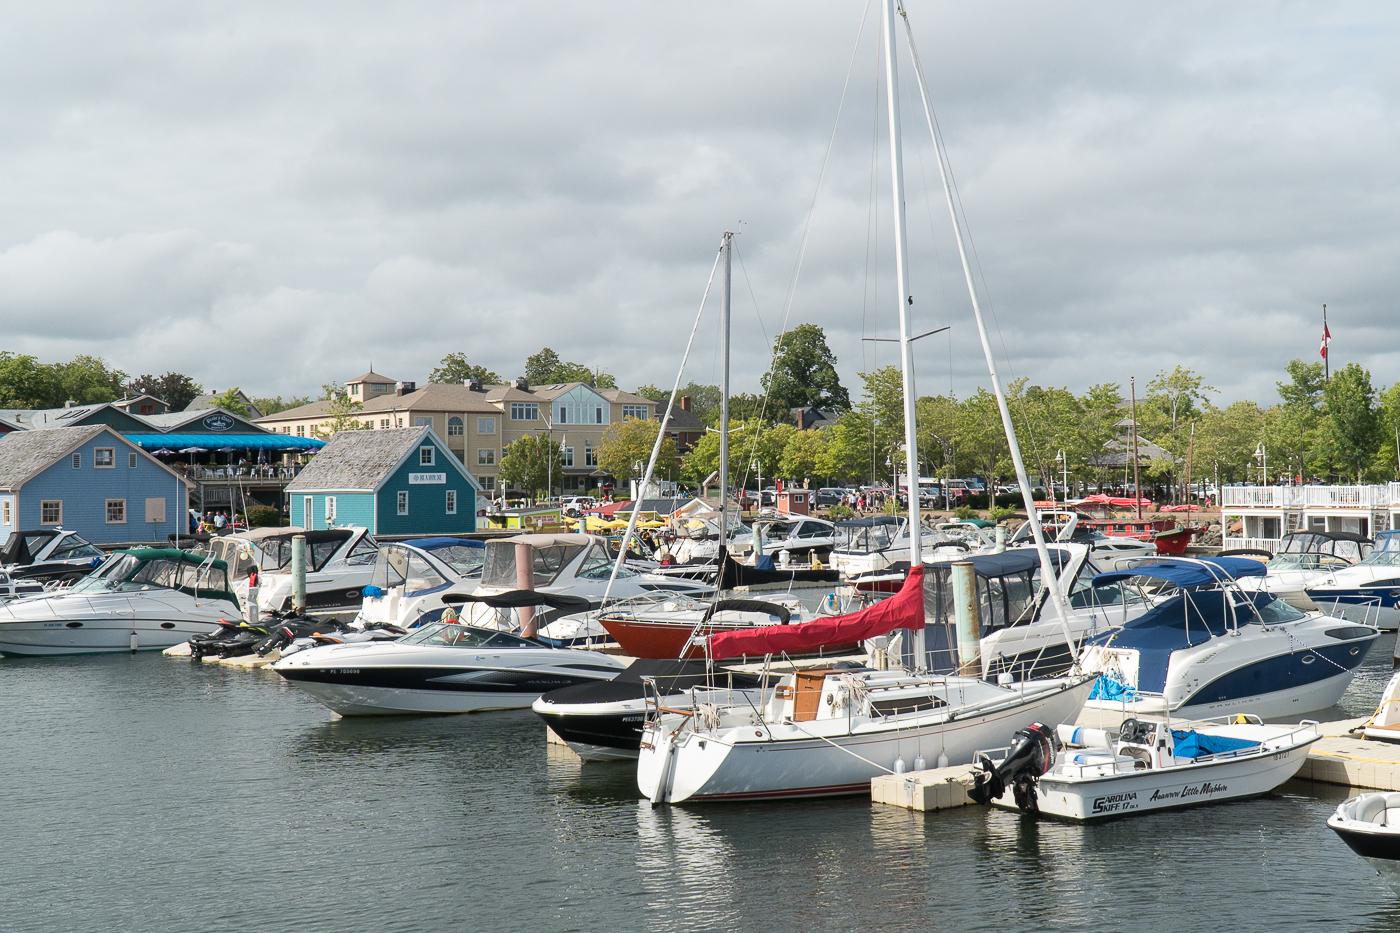 Bateaux au port de Charlottetown